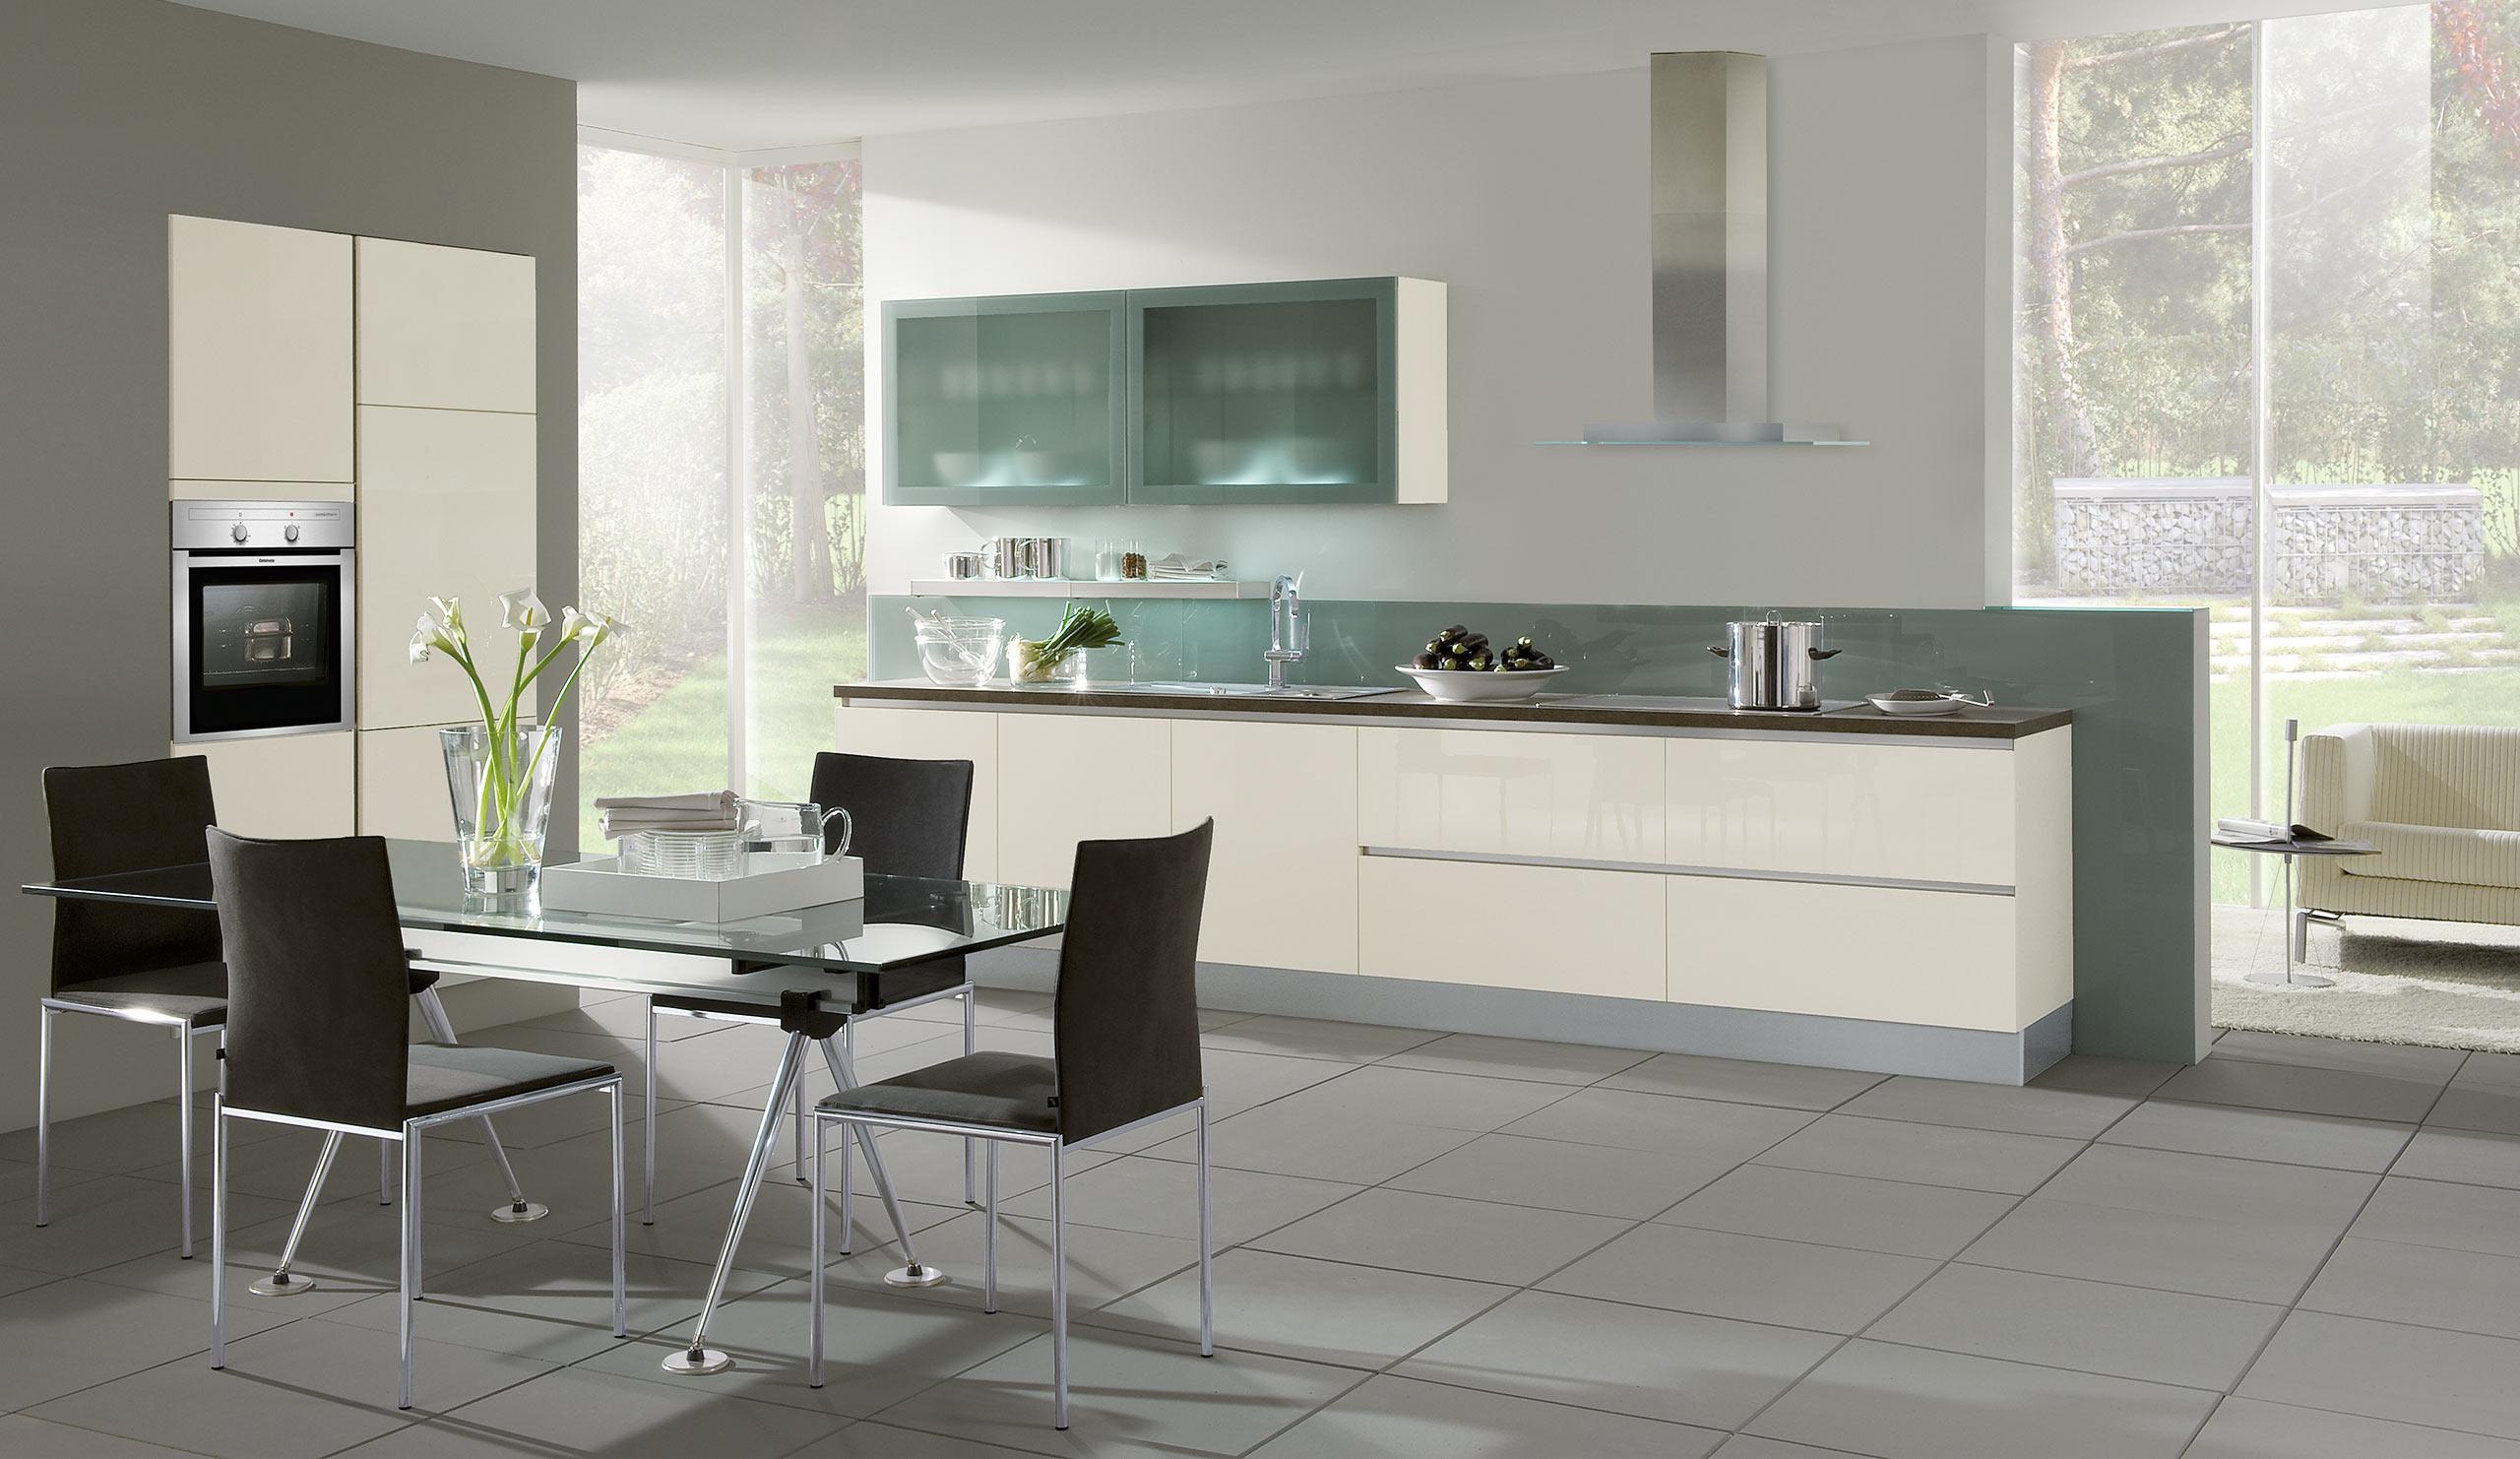 Full Size of Design Einbaukche Classica Grifflos 100 Weiss Kchenquelle Küchen Regal Wohnzimmer Küchen Quelle